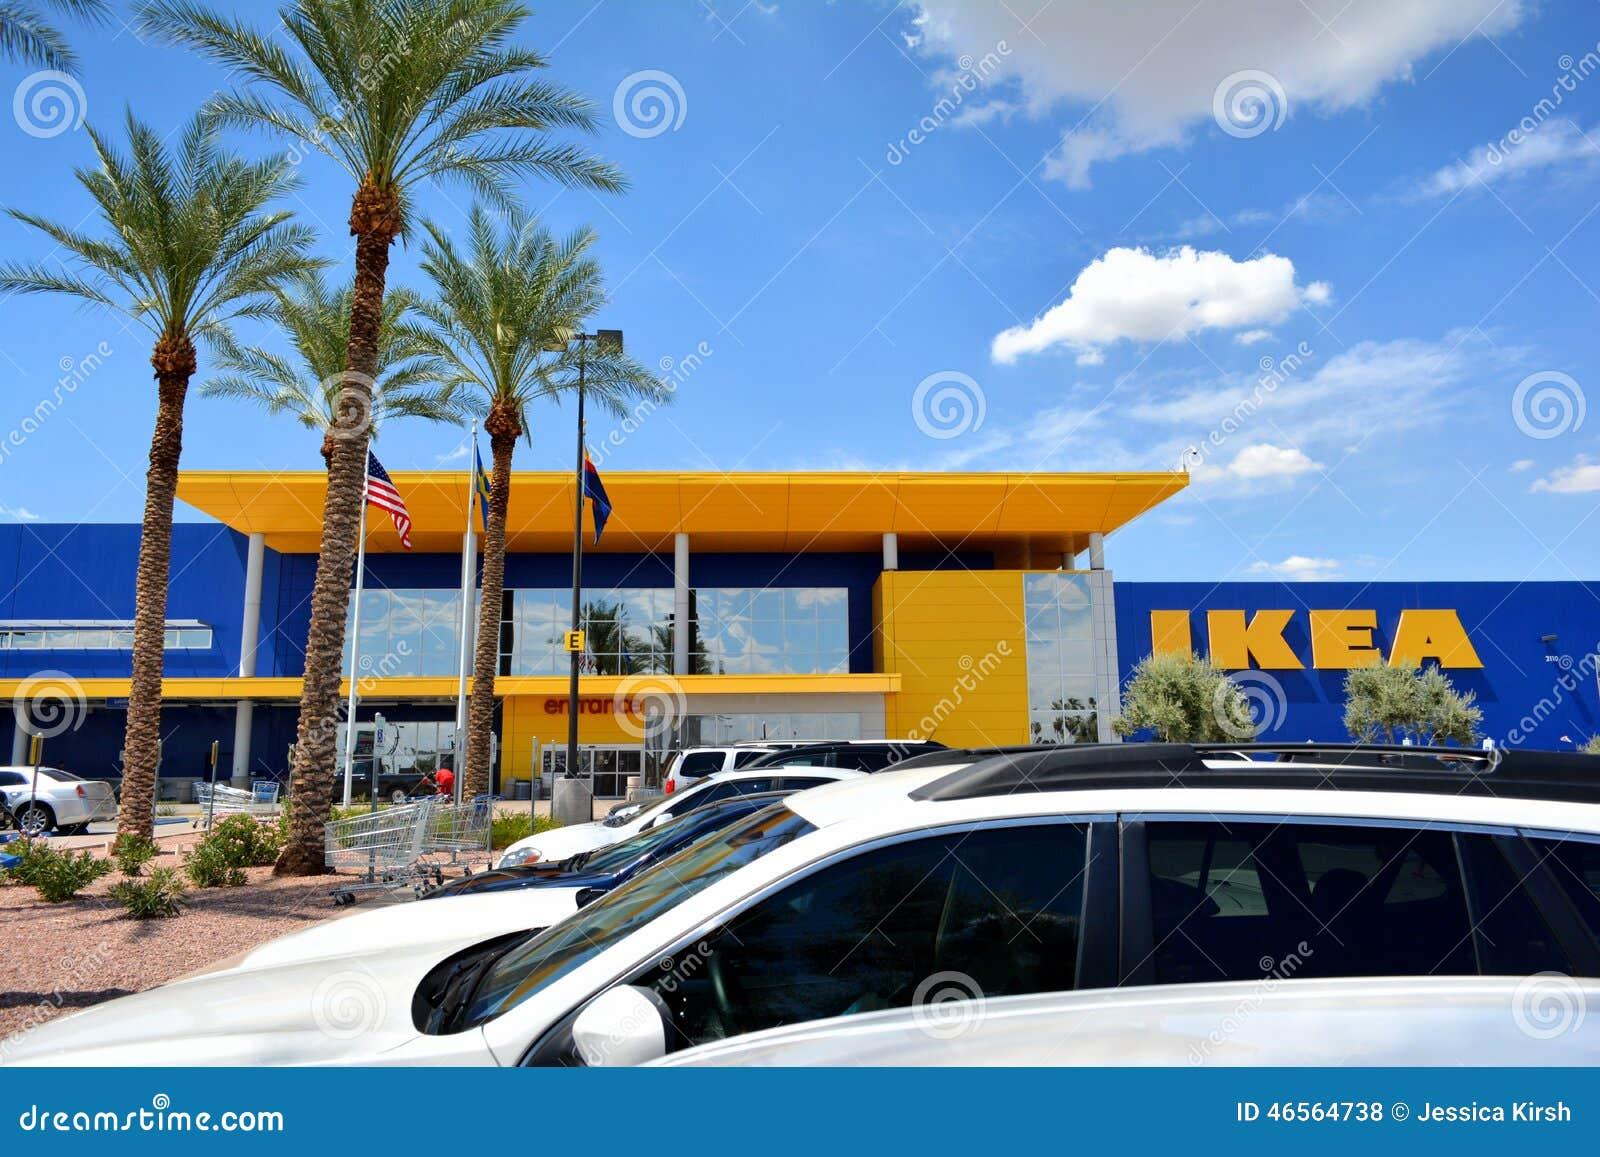 магазин хозяйственных товаров Ikea редакционное стоковое фото